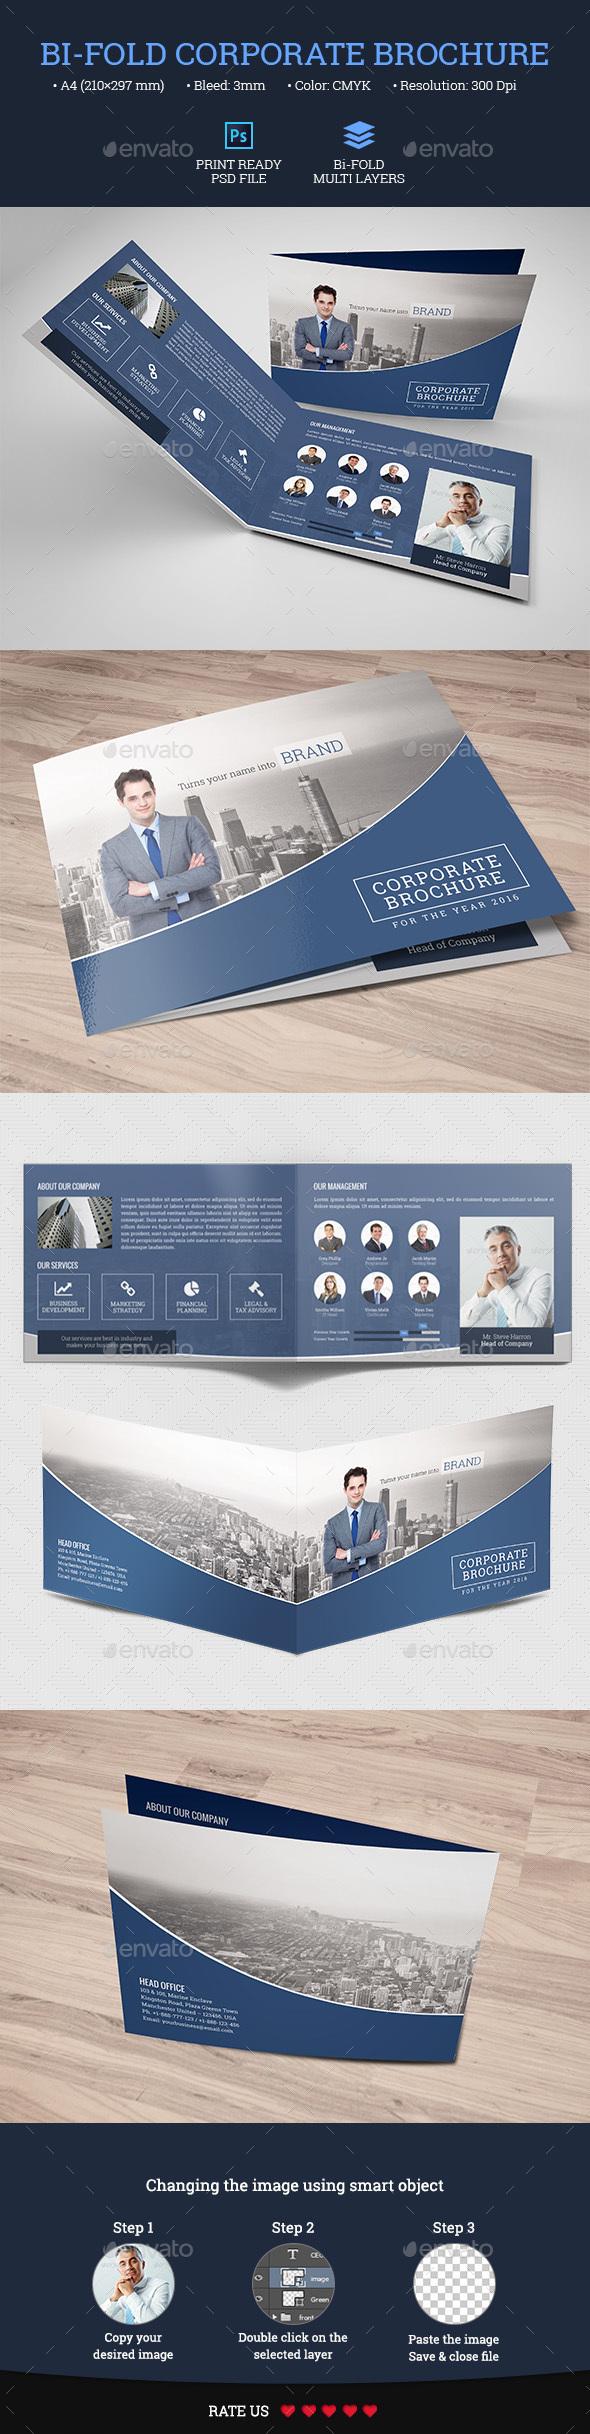 Bi-Fold Corporate/Business Brochure - Corporate Brochures